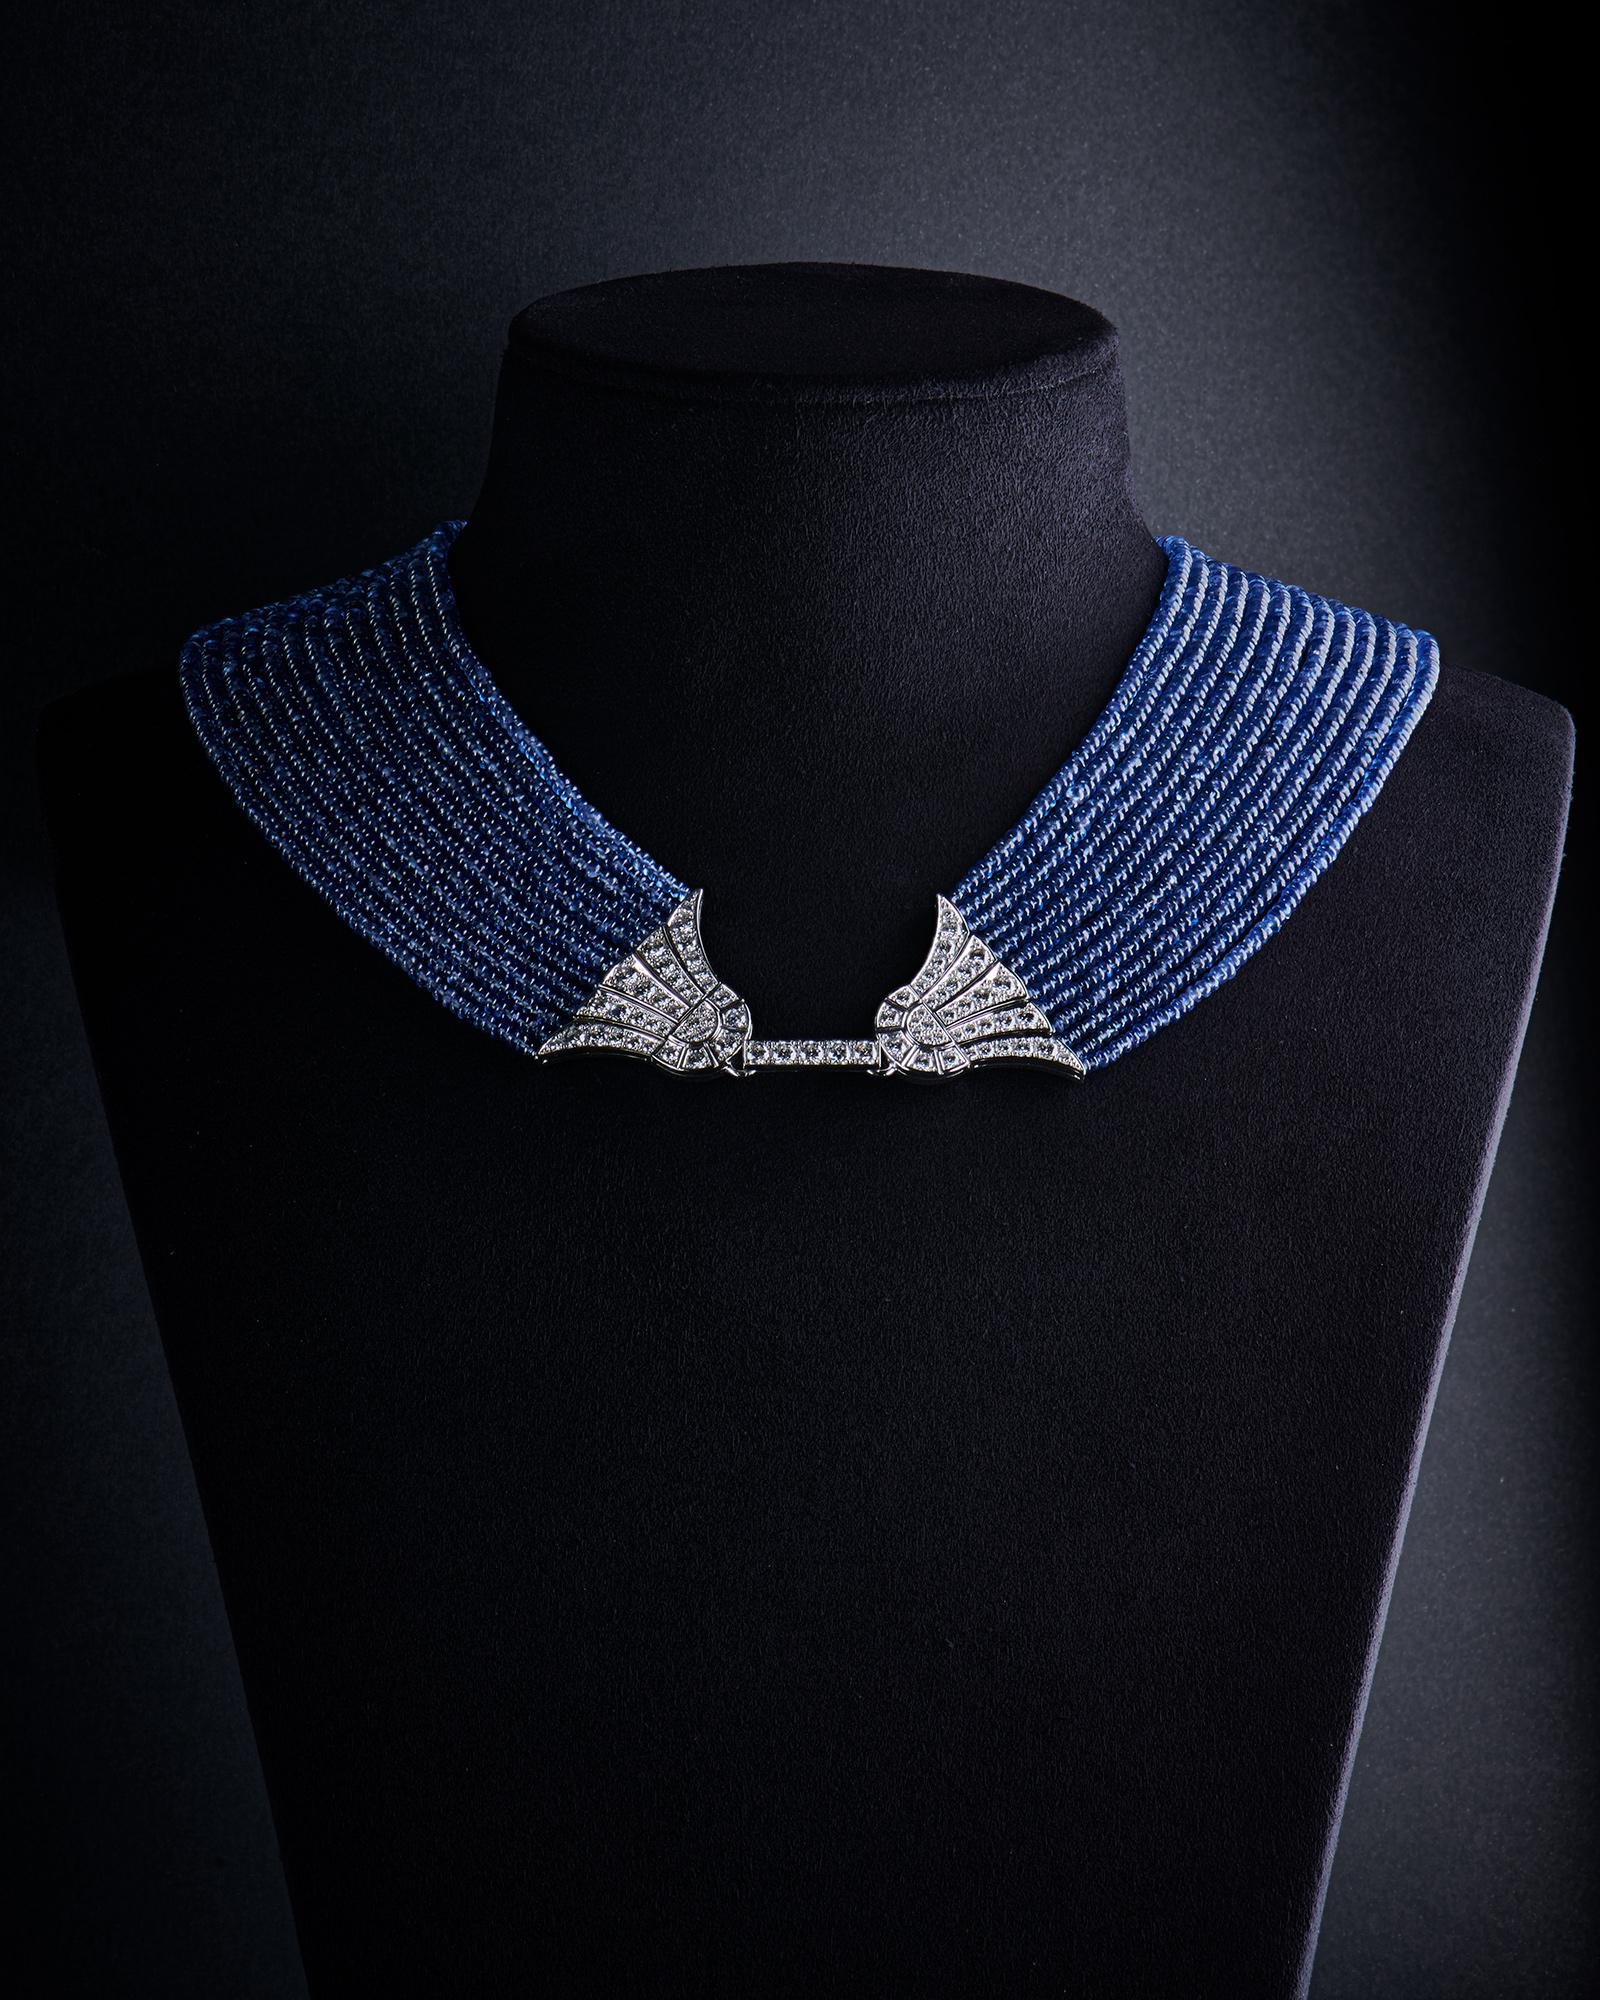 collier bleu fermoir argent